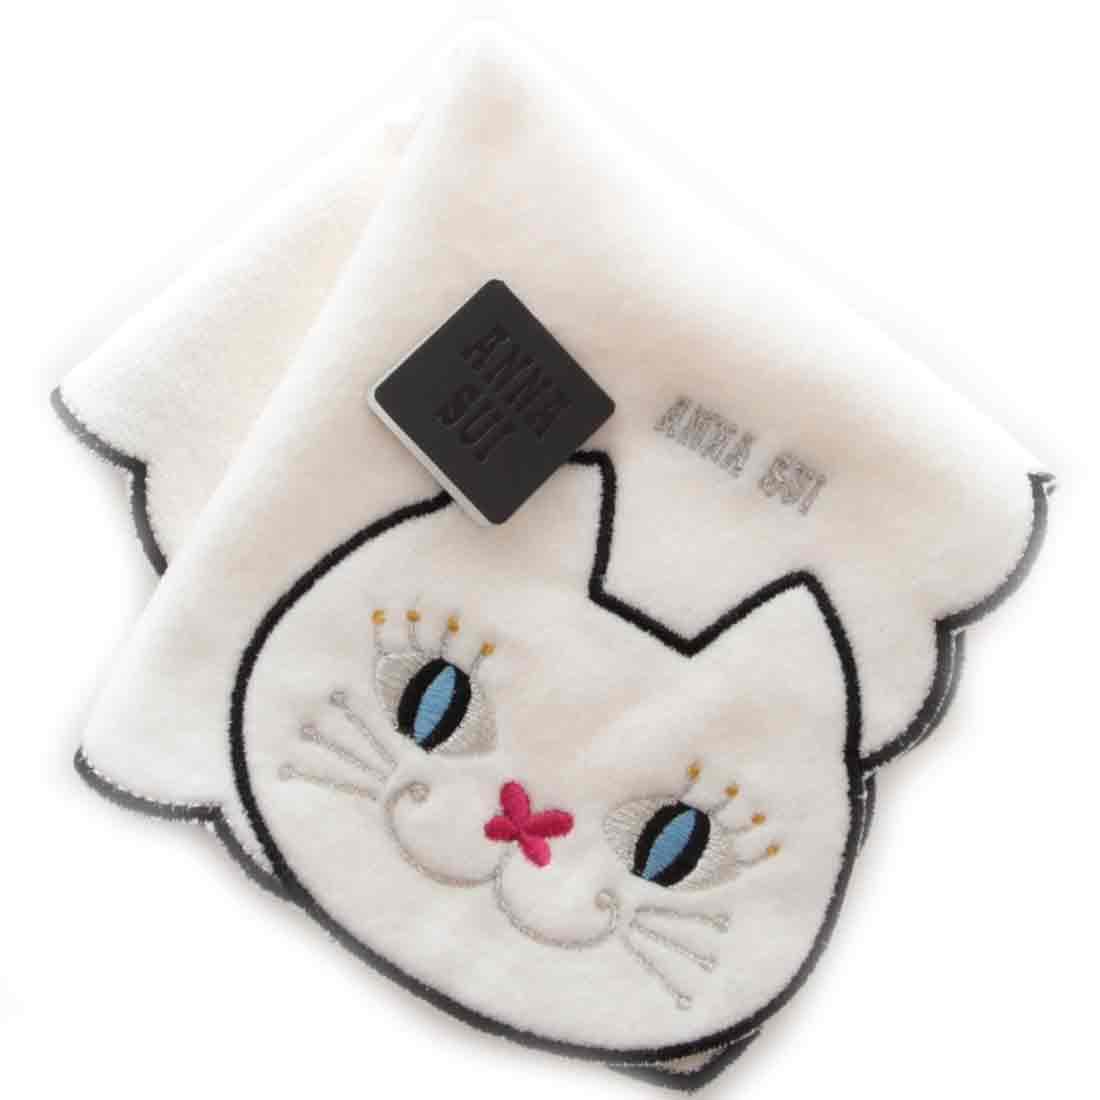 アナスイ ANNA SUI 激安通販販売 アナ スイ ネコ刺繍タオルハンカチ ホワイト 宅配便送料無料 9502